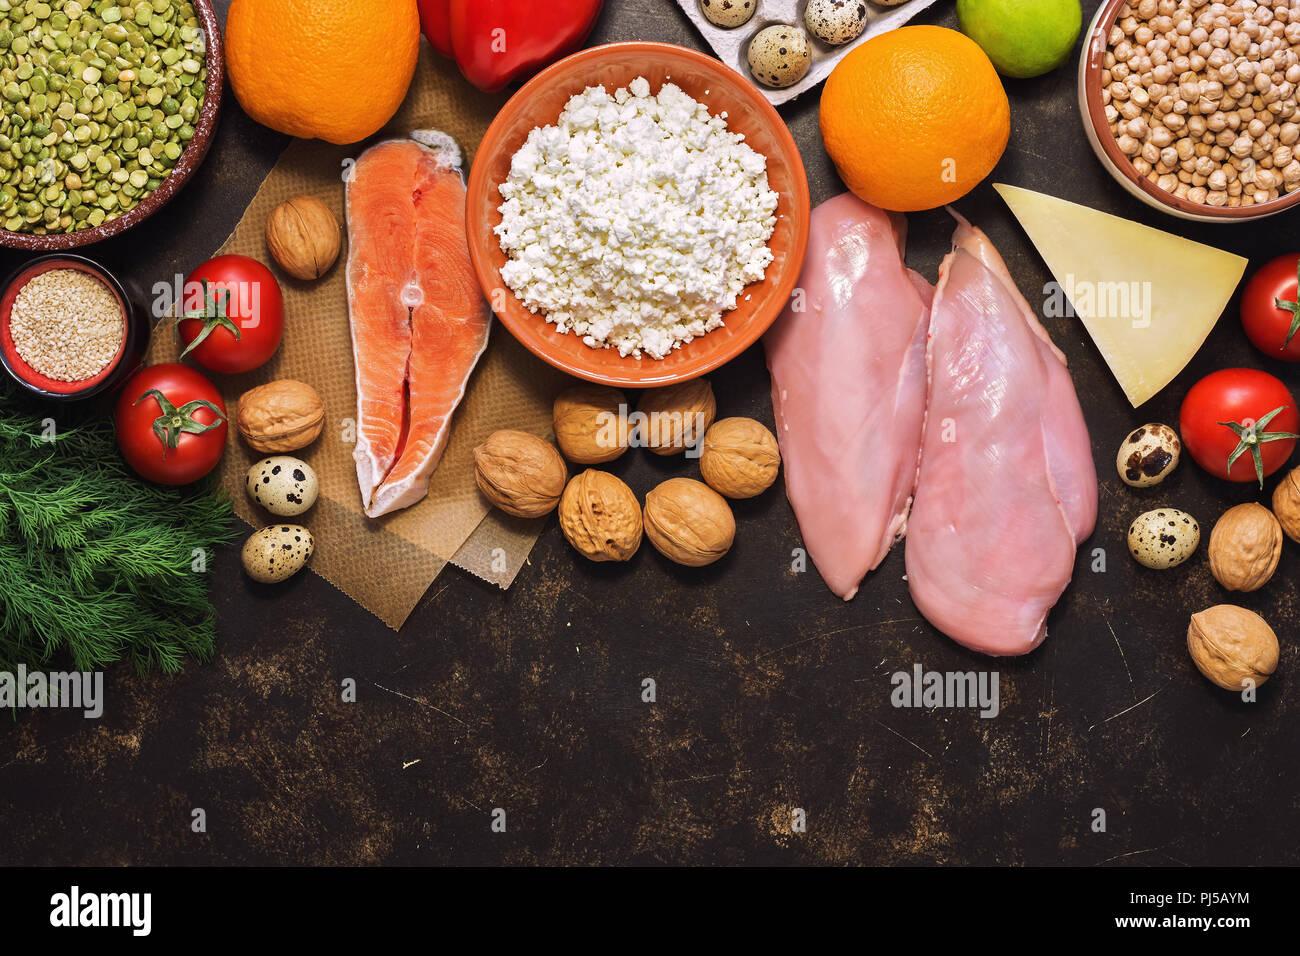 Sfondo con cibo sano. Pesce rosso, filetto di pollo e verdure, frutta, cereali, latticini, uova di quaglia. Vista superiore, copia dello spazio. Immagini Stock